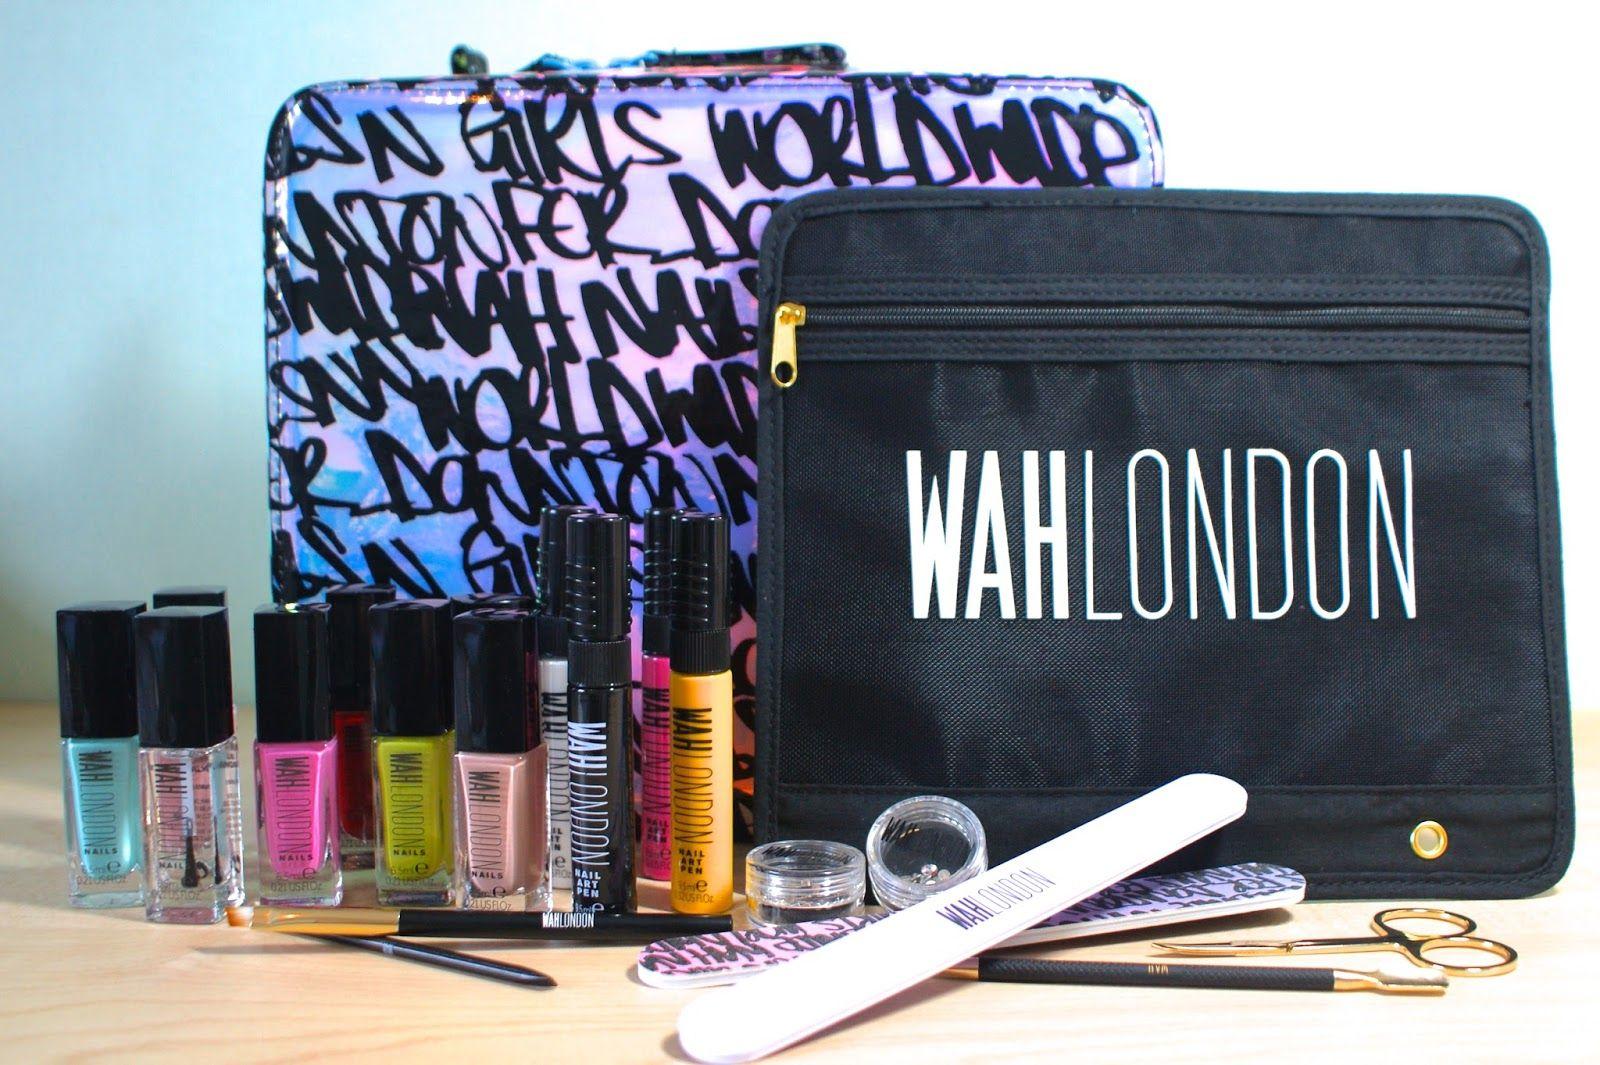 Pardon My Nails Uk Nail Art Blog Wah London Ultimate Nail Art